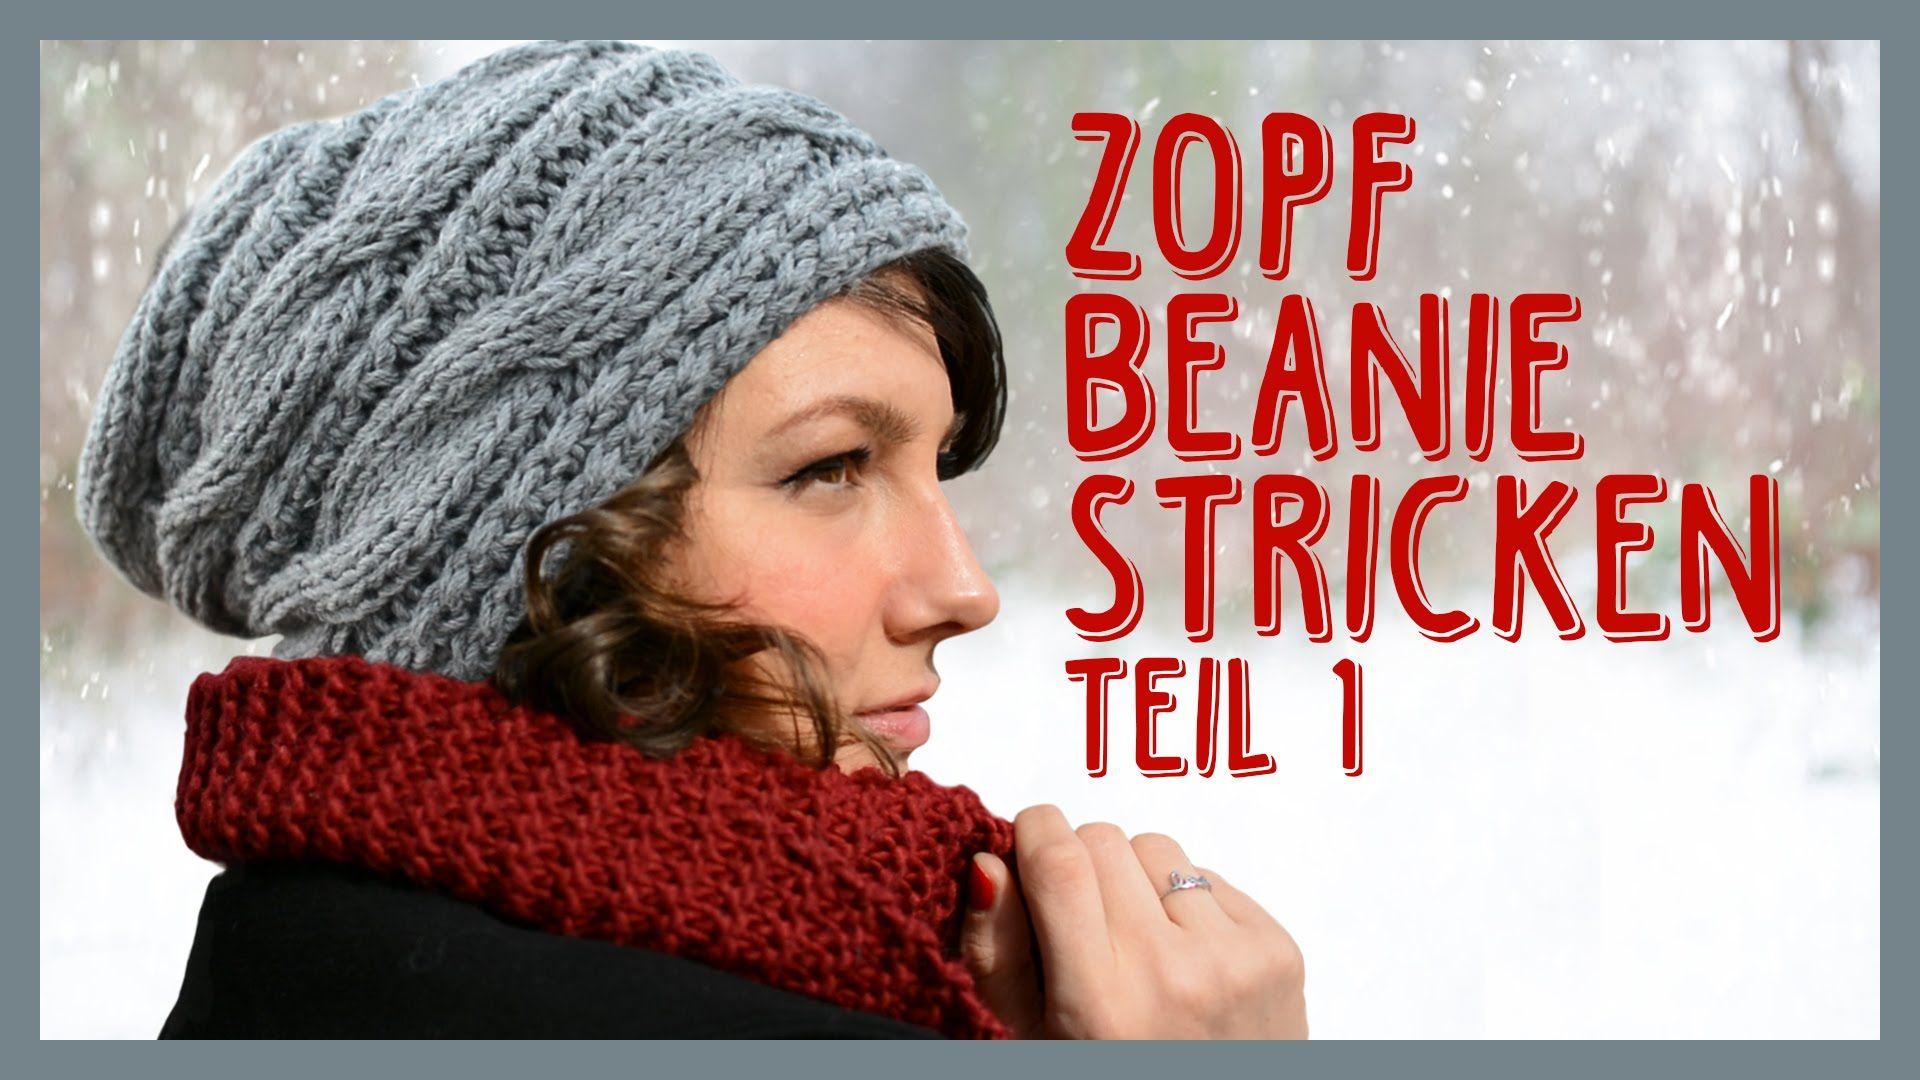 Zopfbeanie stricken *TEIL 1* | Knitting | Pinterest | Mütze ...